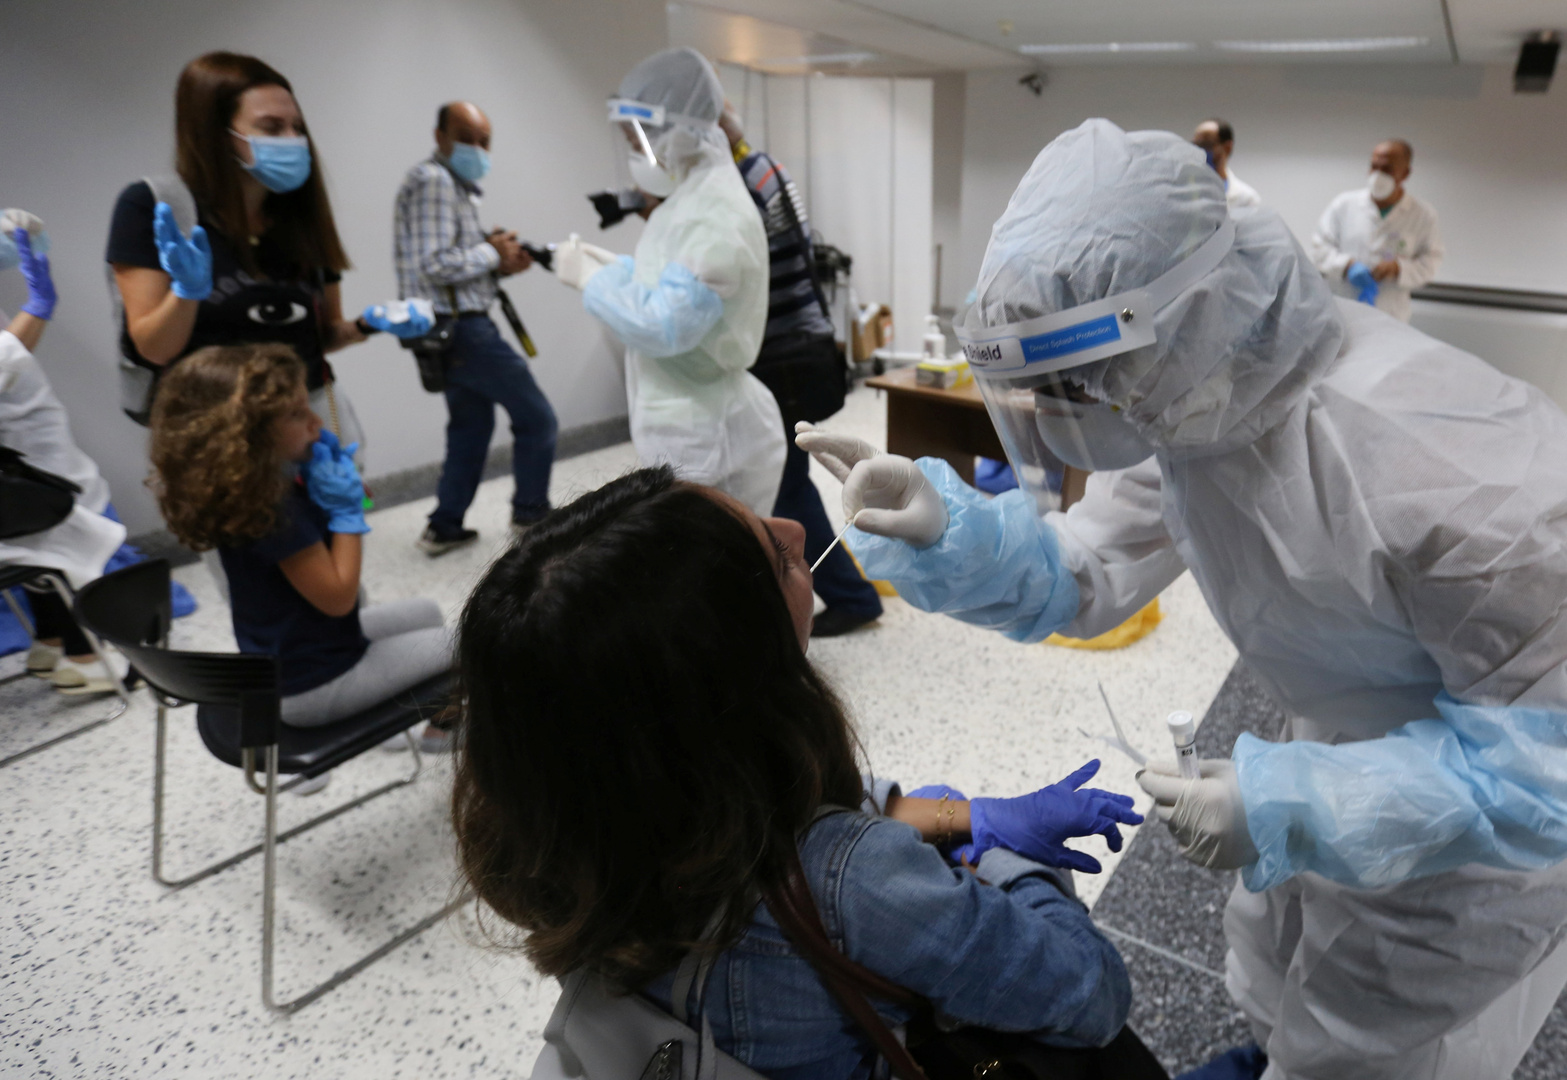 الصحة اللبنانية: تسجيل 4 حالات وفاة و272 إصابة بكورونا خلال 24 ساعة